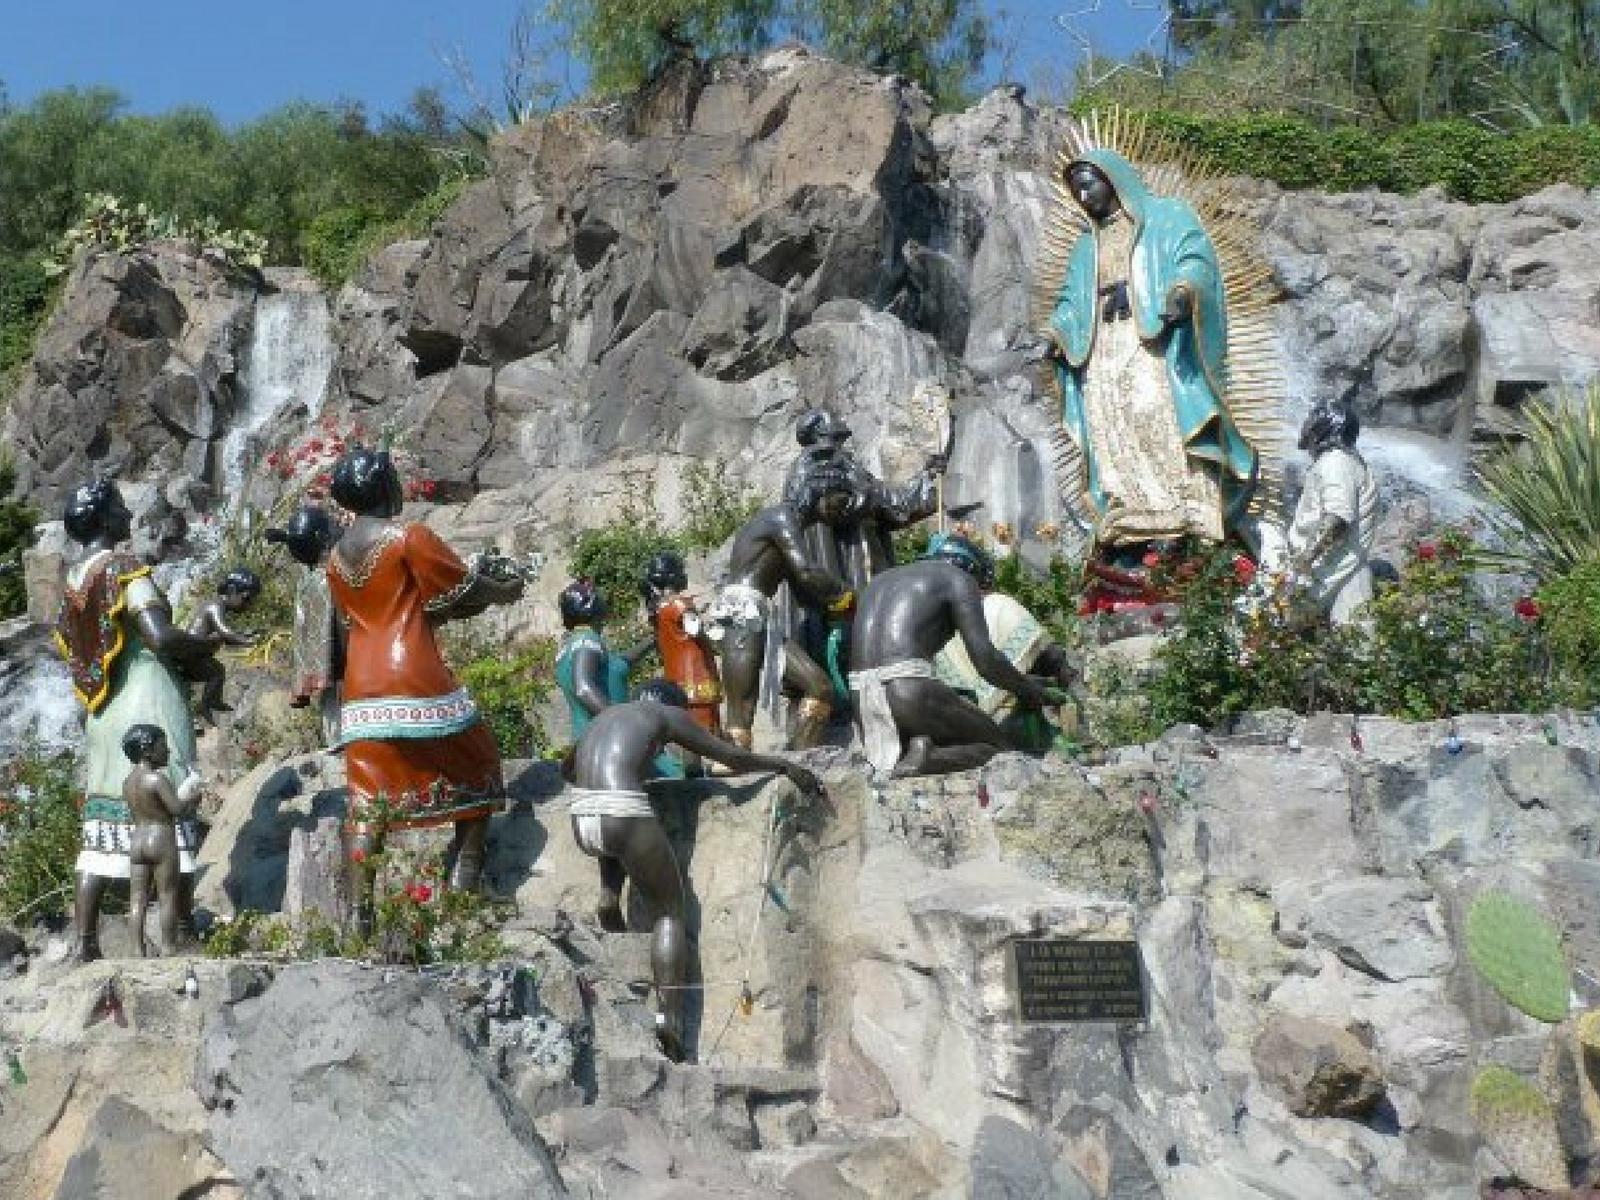 A Santidade no caminho presente no caminho por Guadalupe